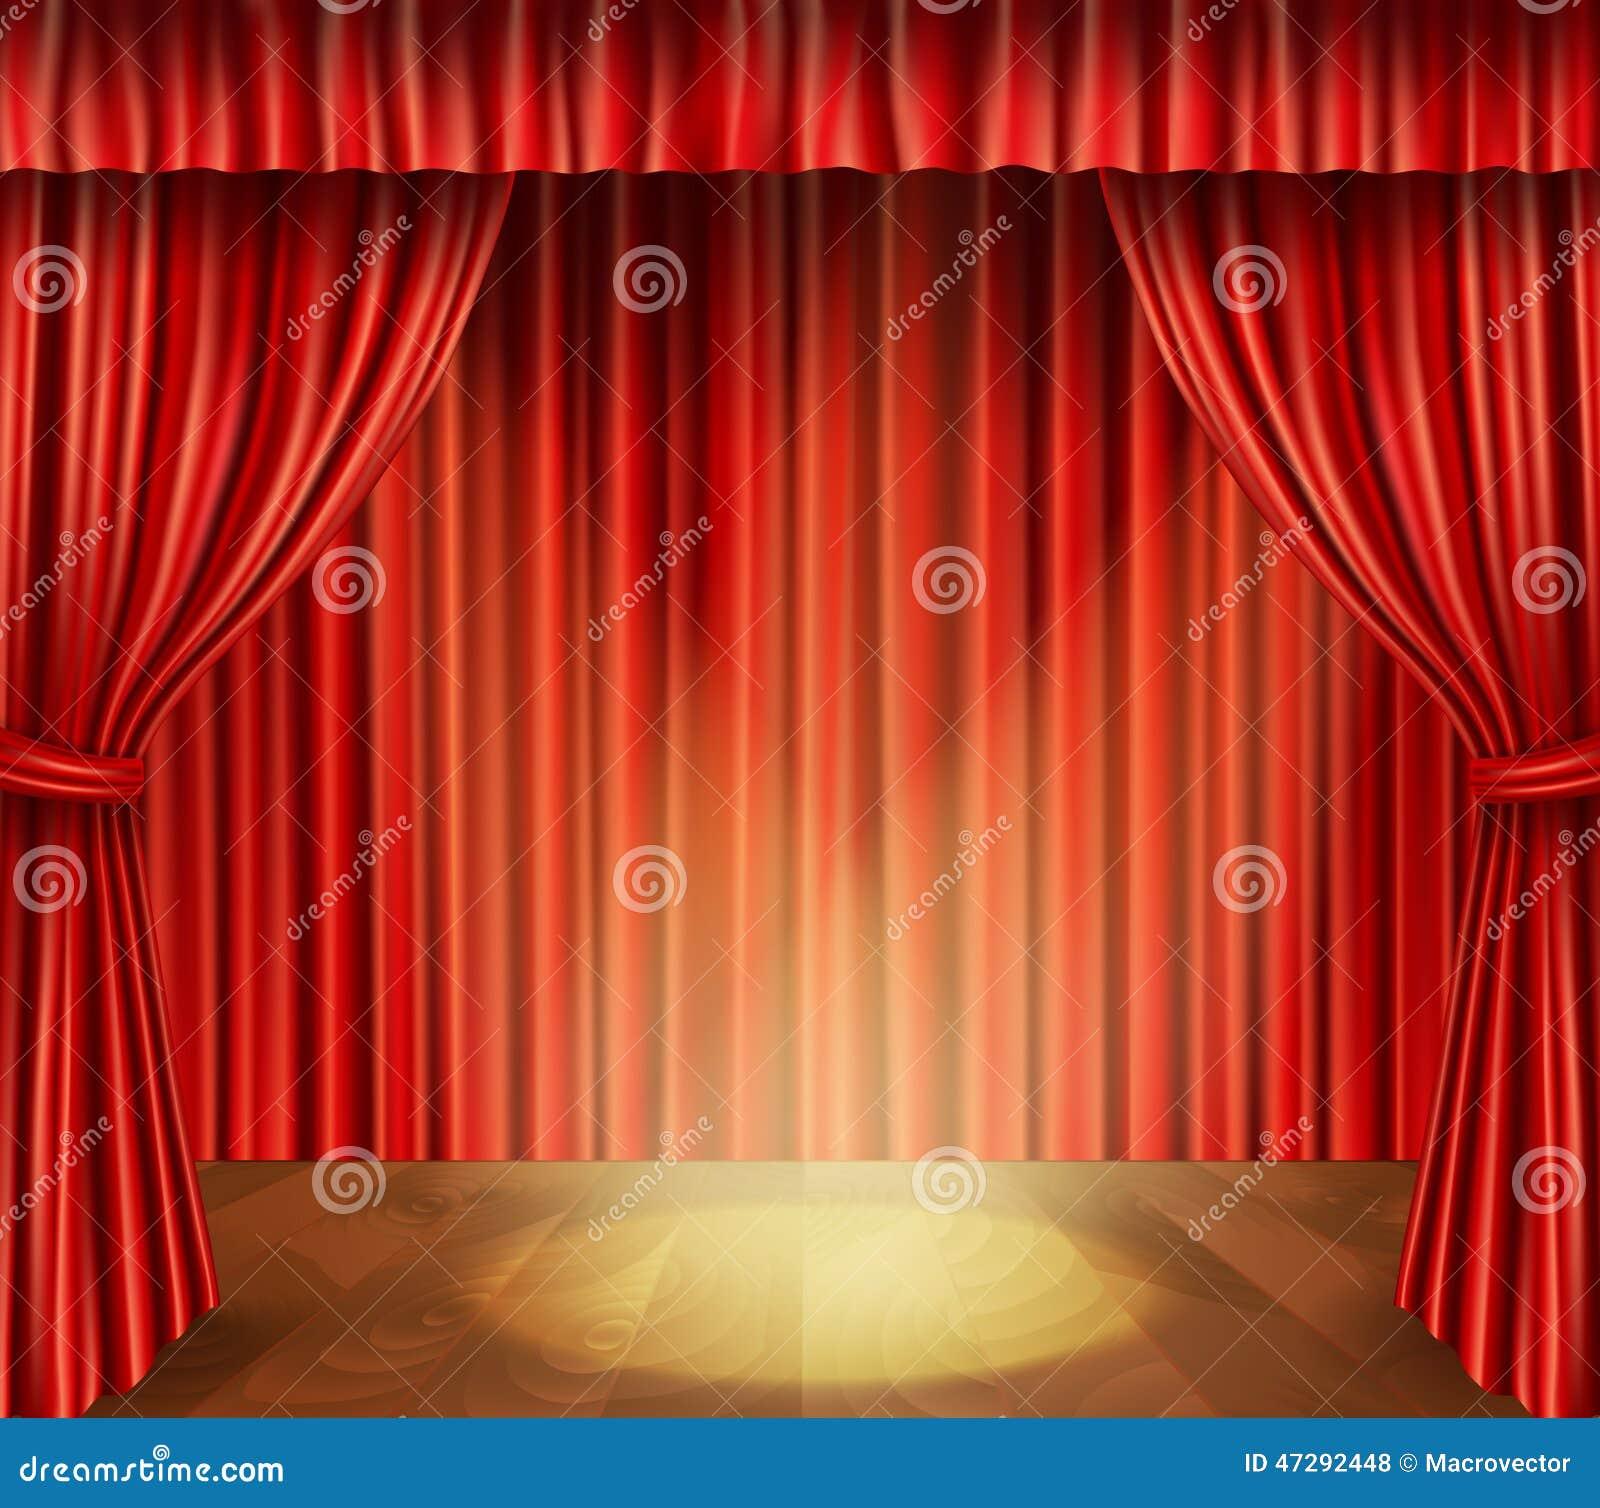 Fondo de etapa del teatro